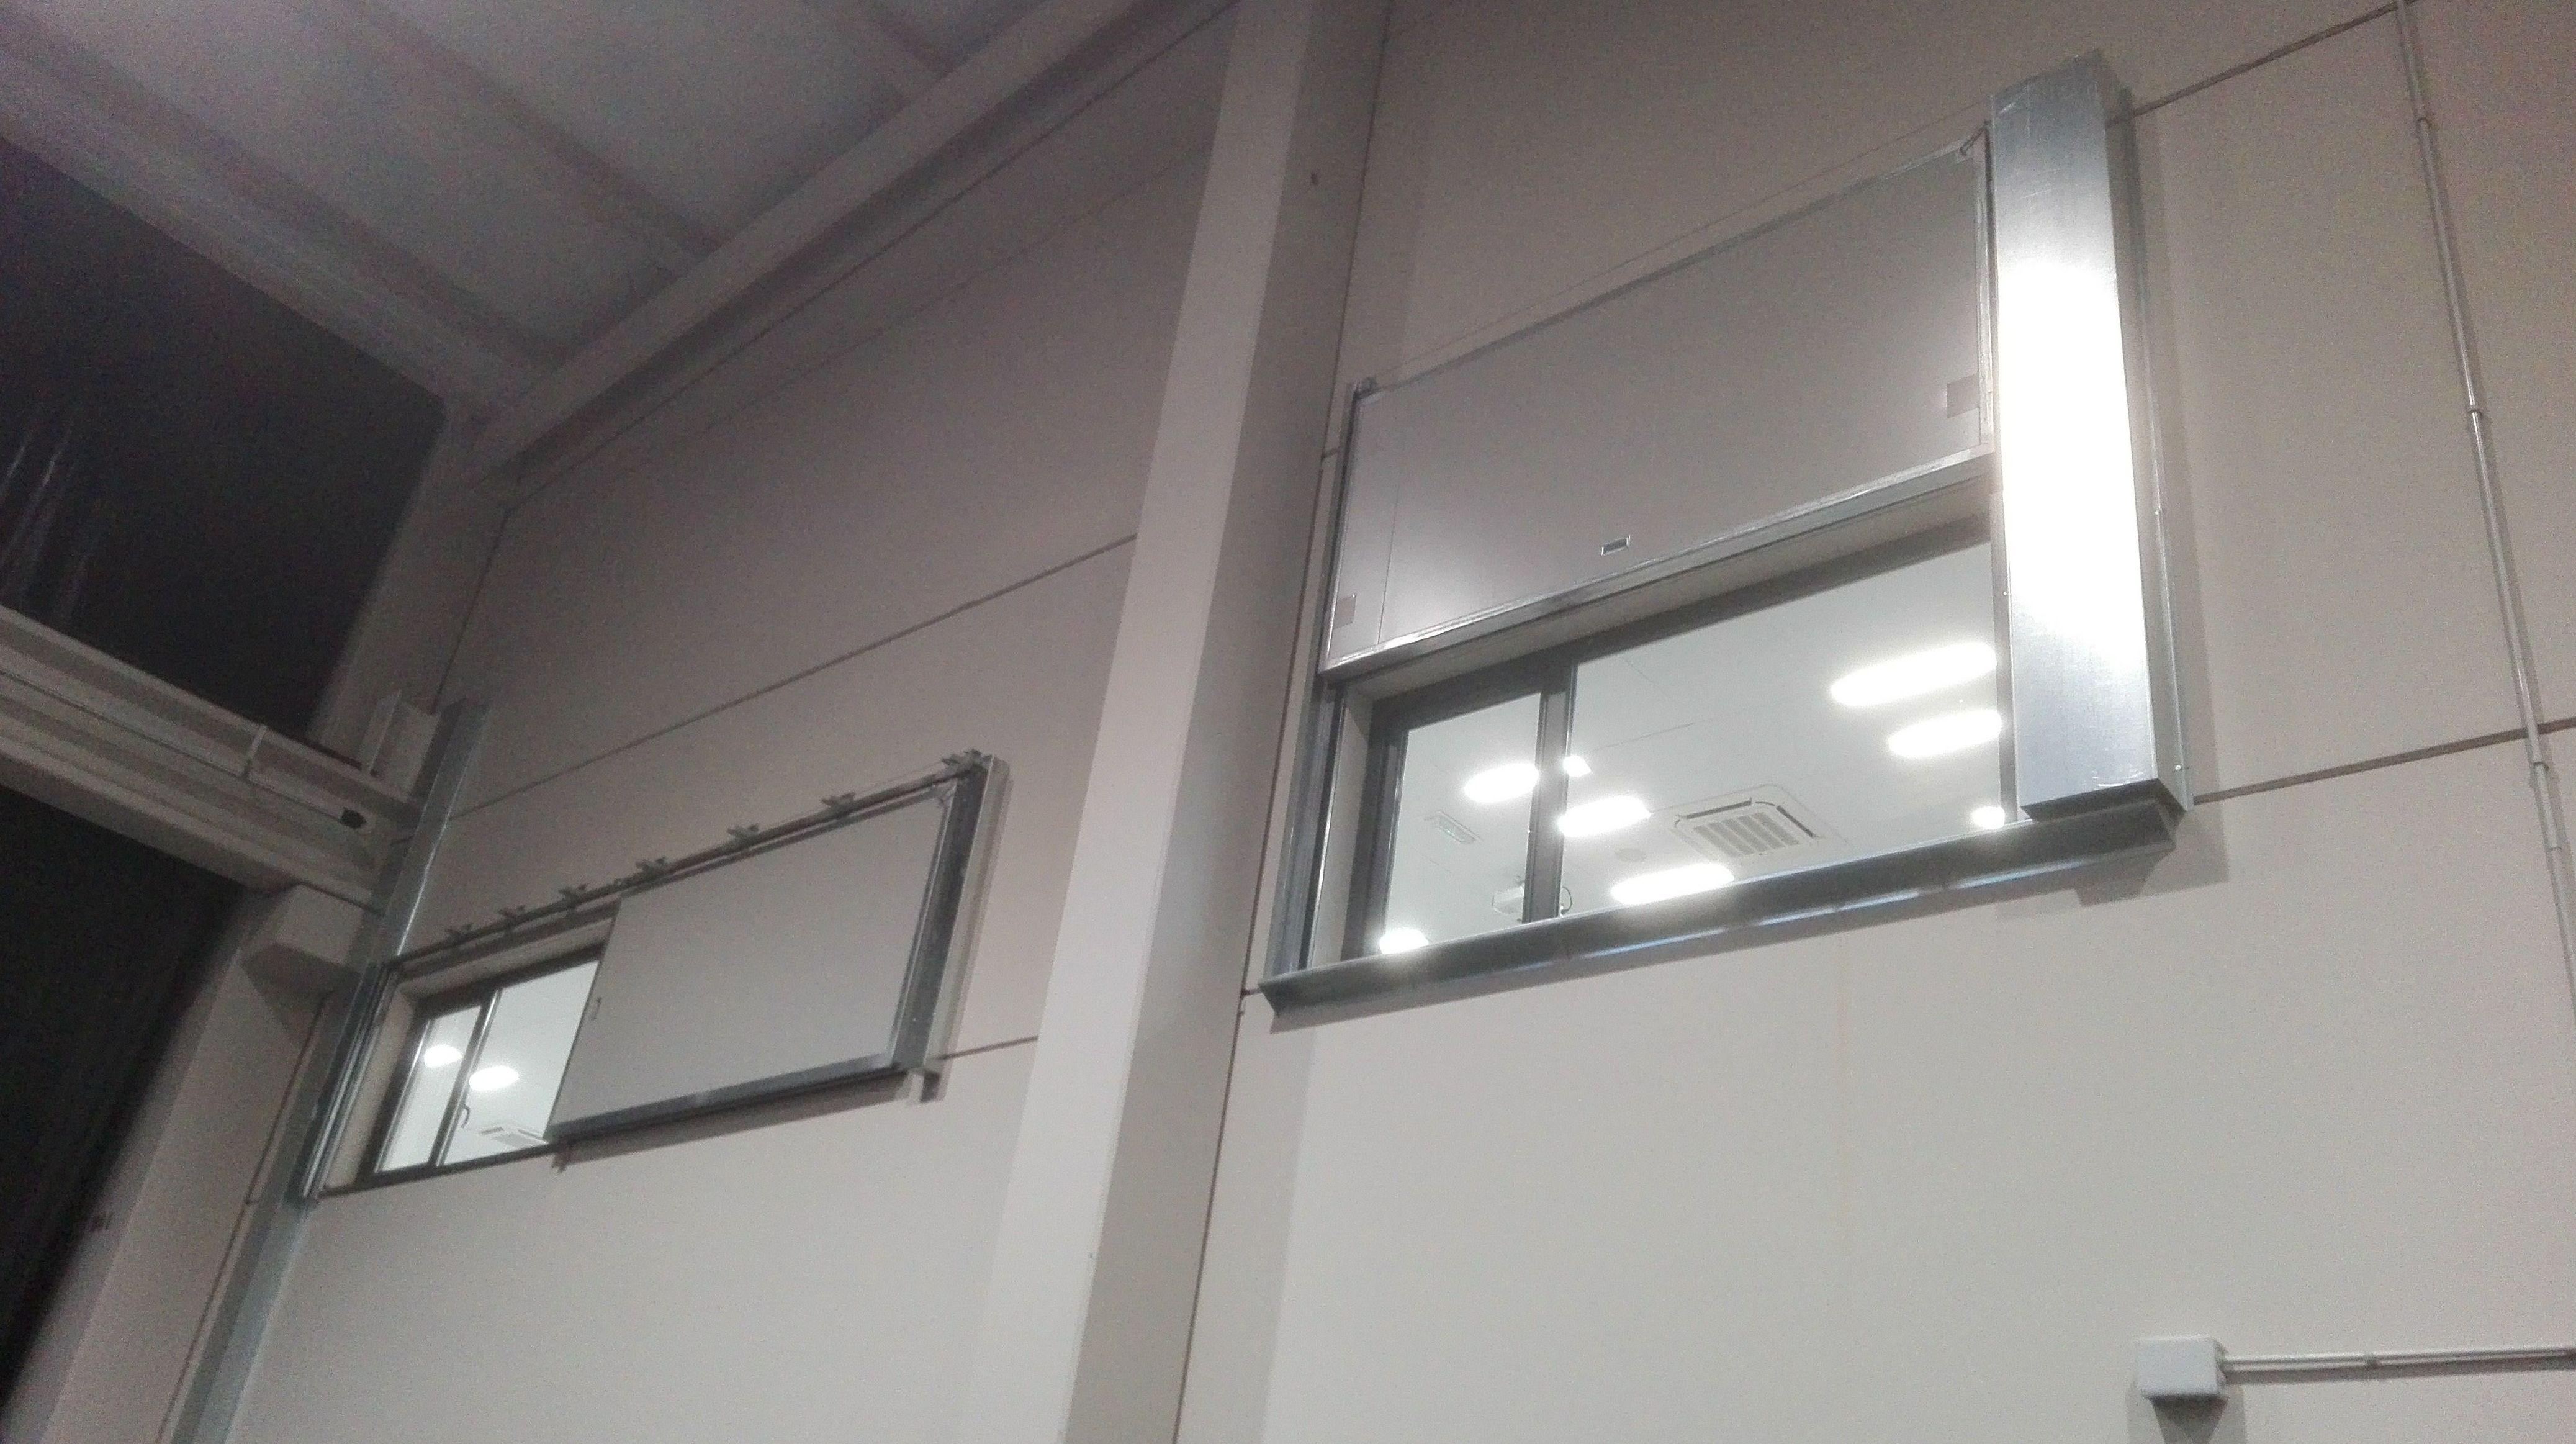 Puerta Corredera y guillotina tipo ventana cortafuegos EI260 Santander